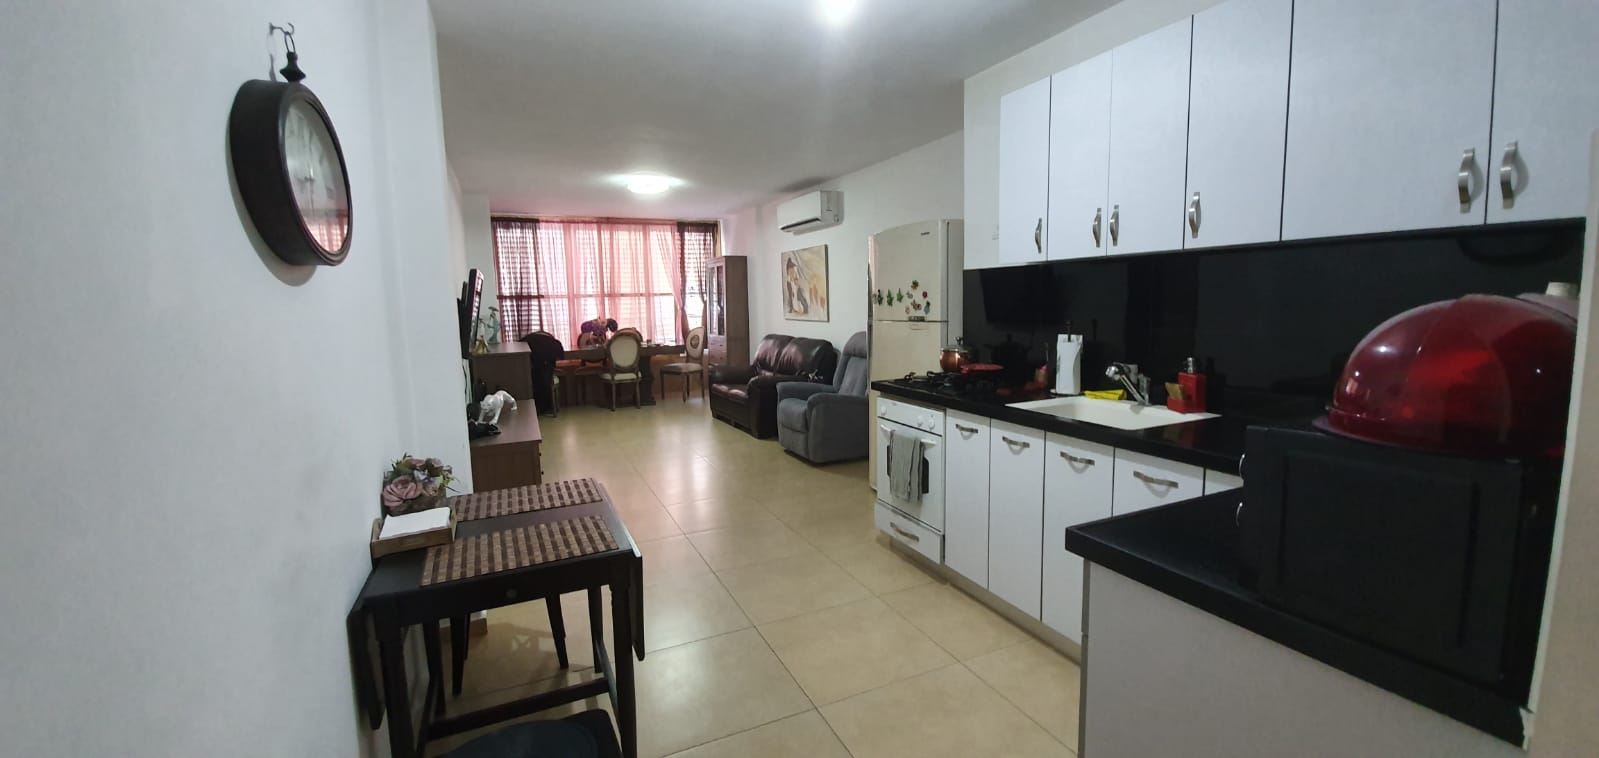 דירה למכירה 3.5 חדרים 1,650,000₪, בת ים